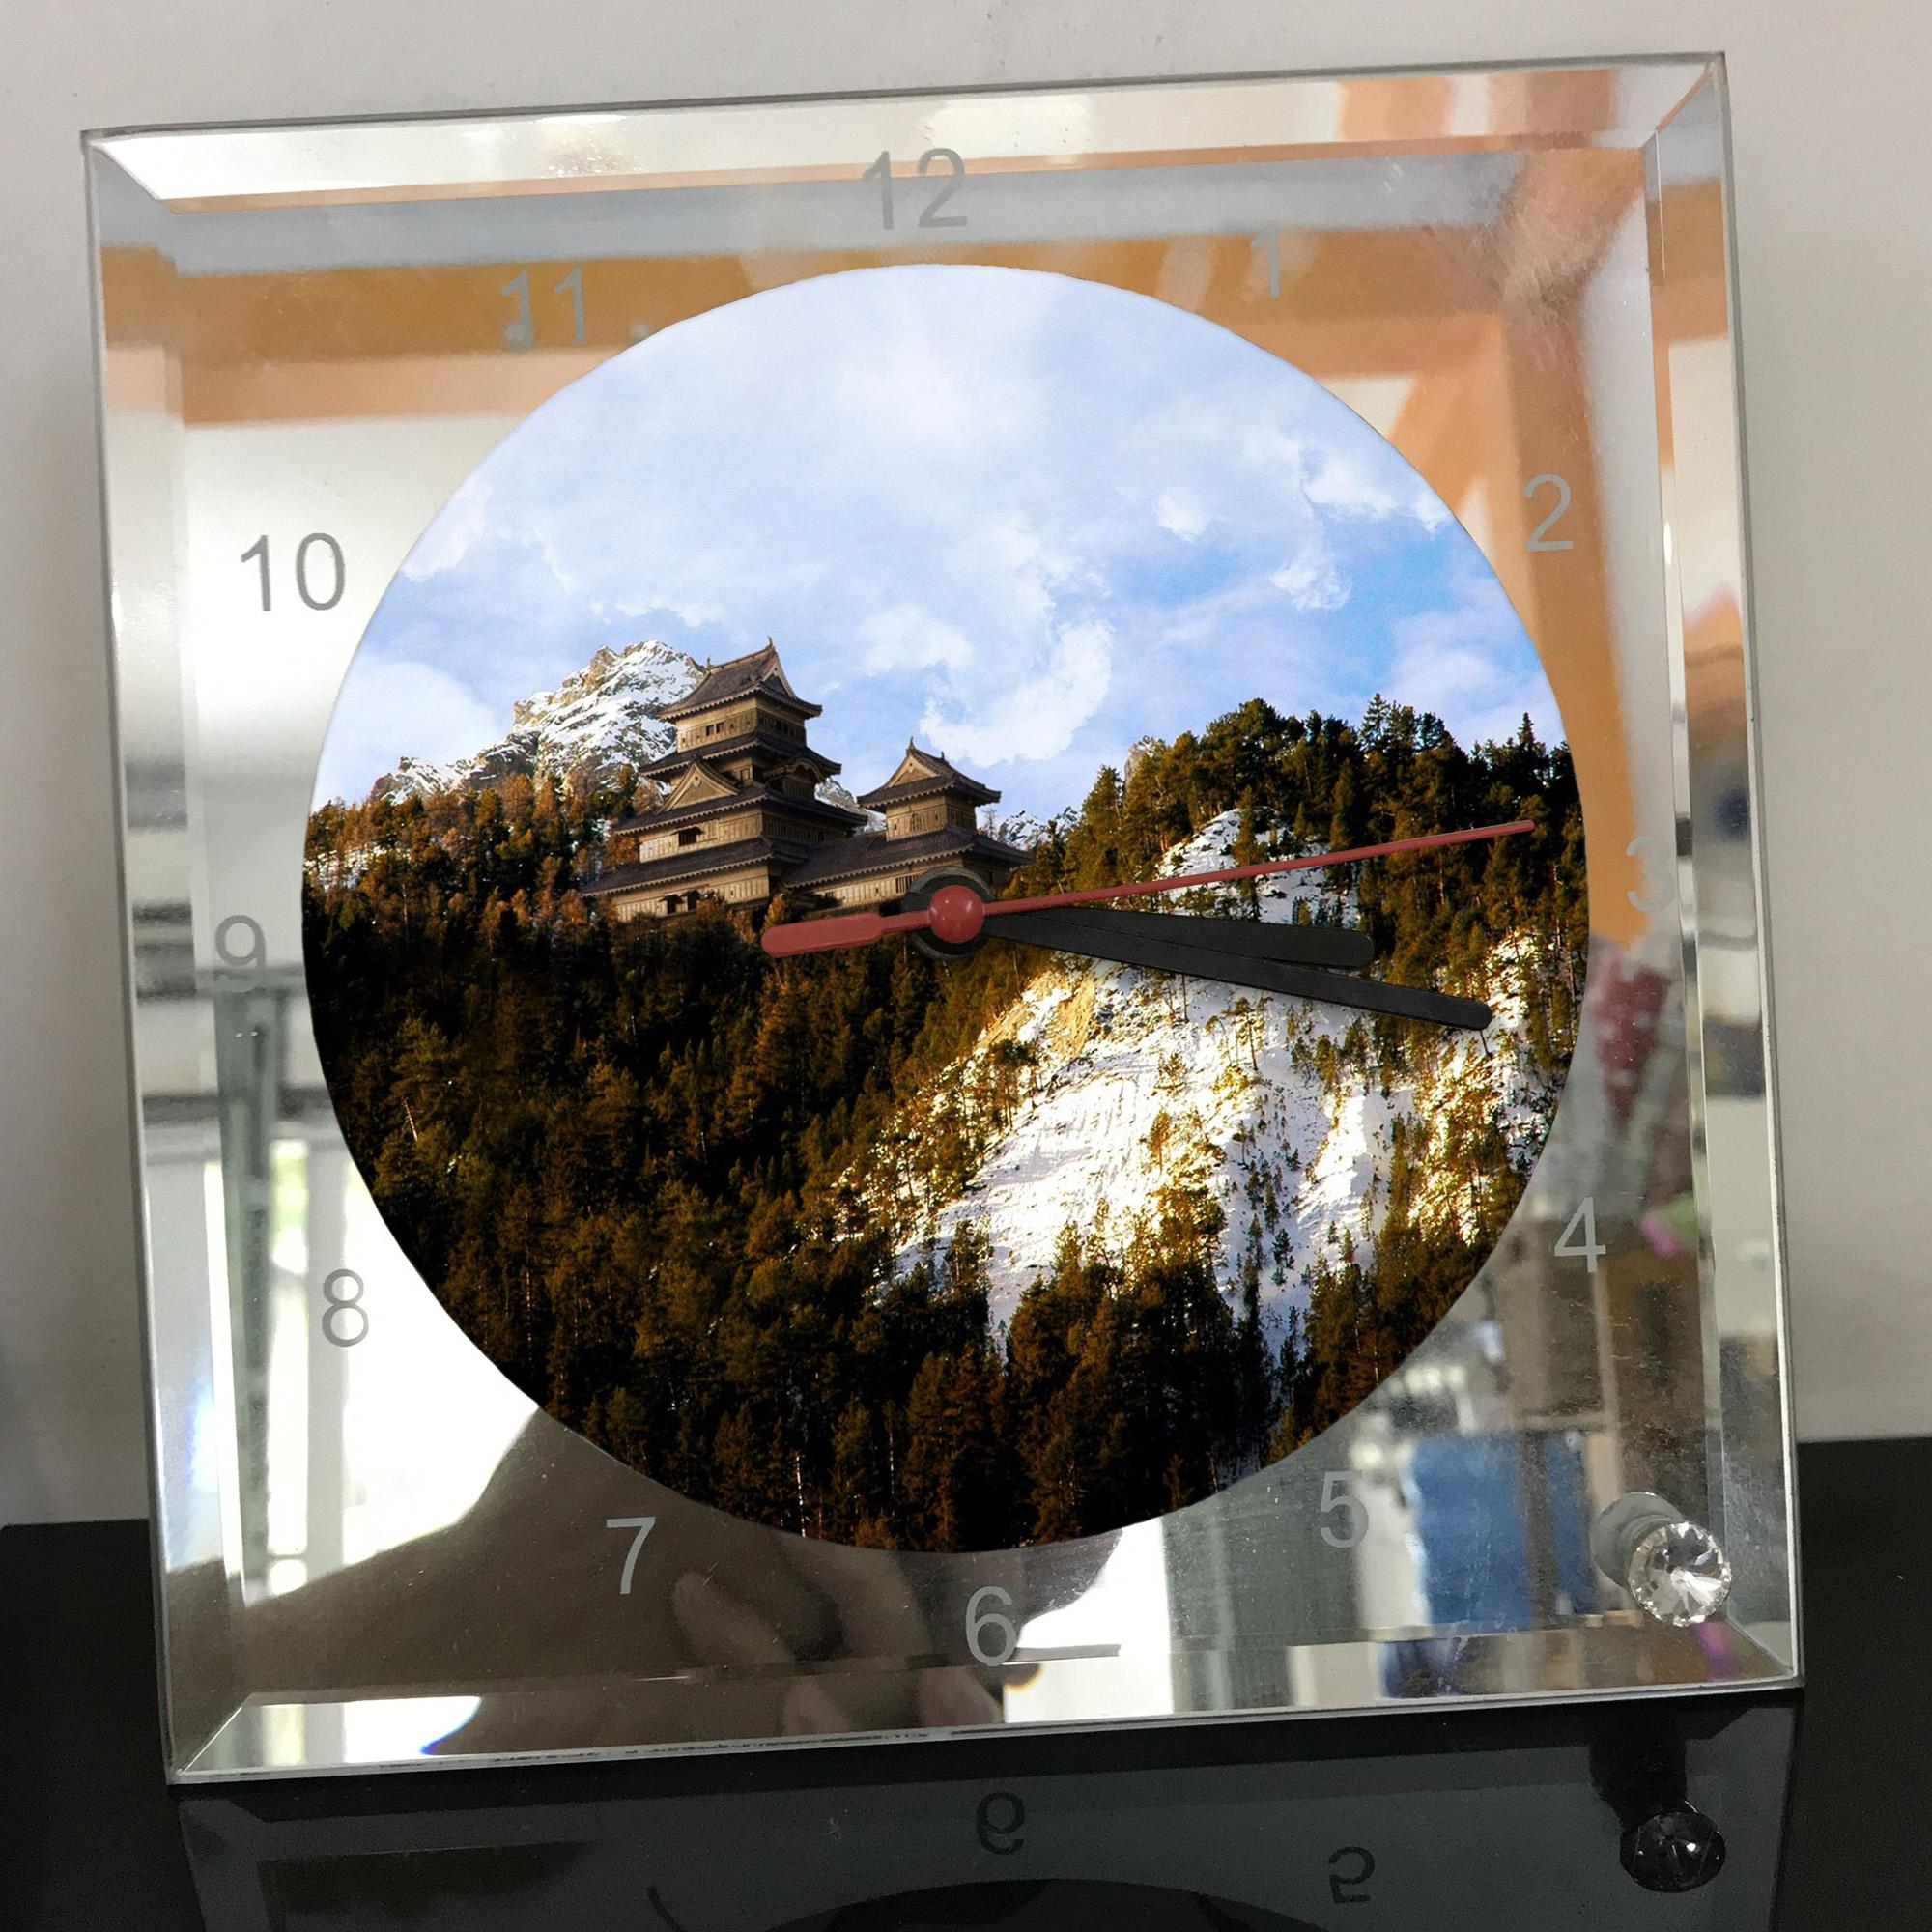 Đồng hồ thủy tinh vuông 20x20 in hình Temple - đền thờ (13) . Đồng hồ thủy tinh để bàn trang trí đẹp chủ đề tôn giáo